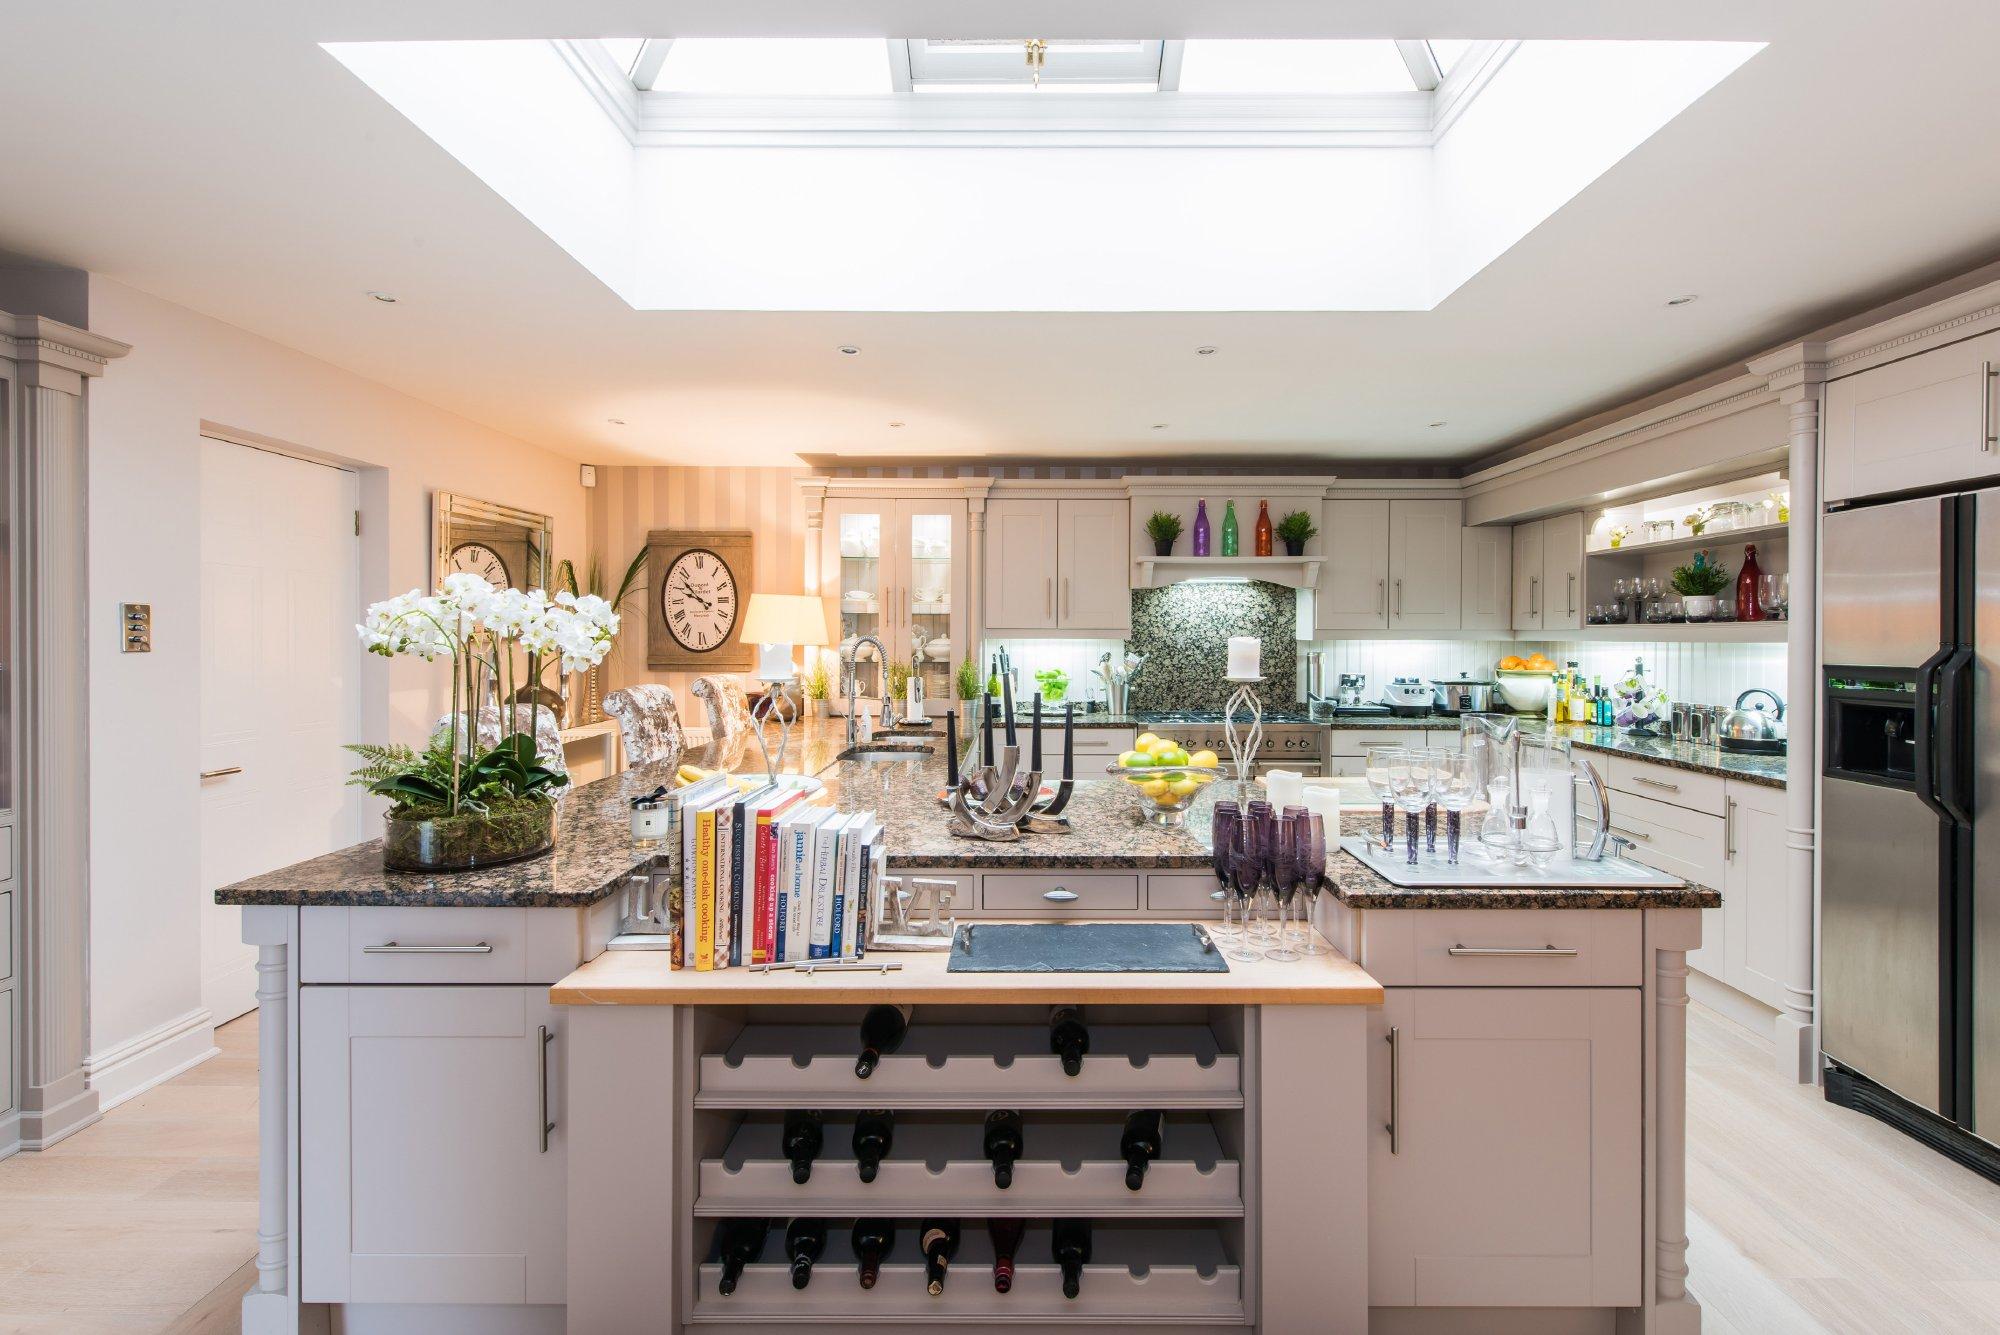 Whiteoak,Kitchen